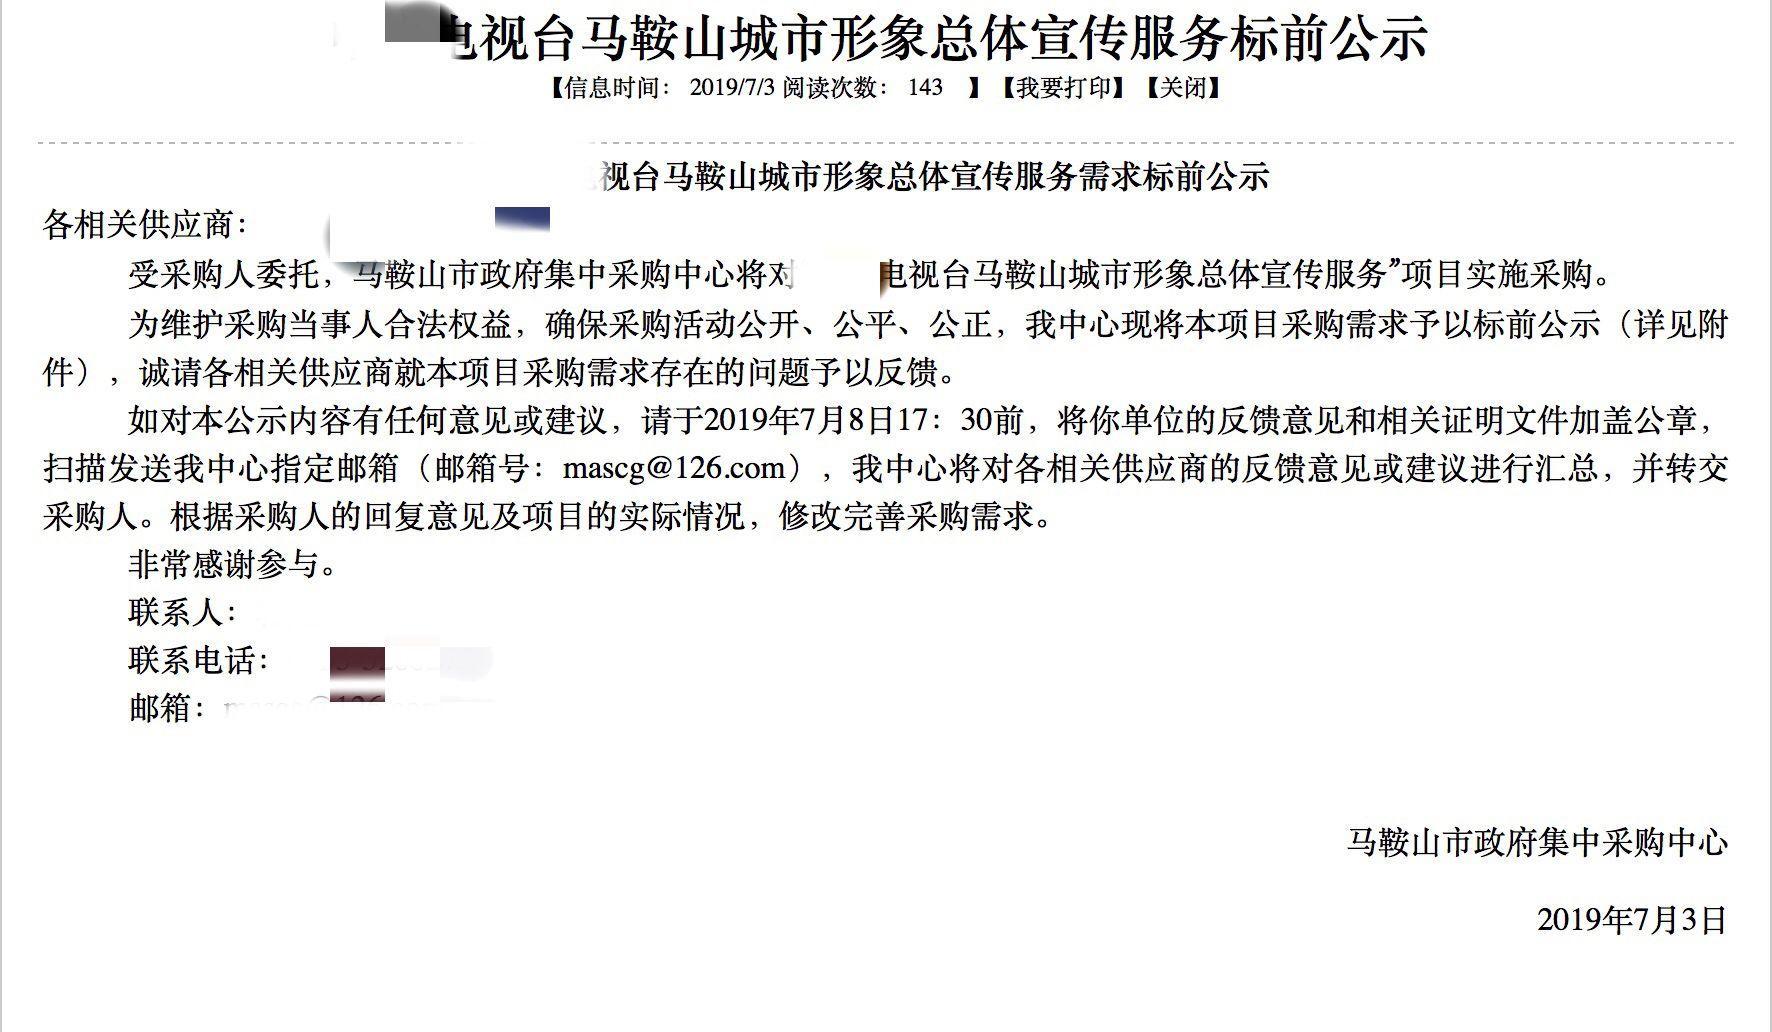 安徽马鞍山宣传片预算两千万?负责人:项目未发布